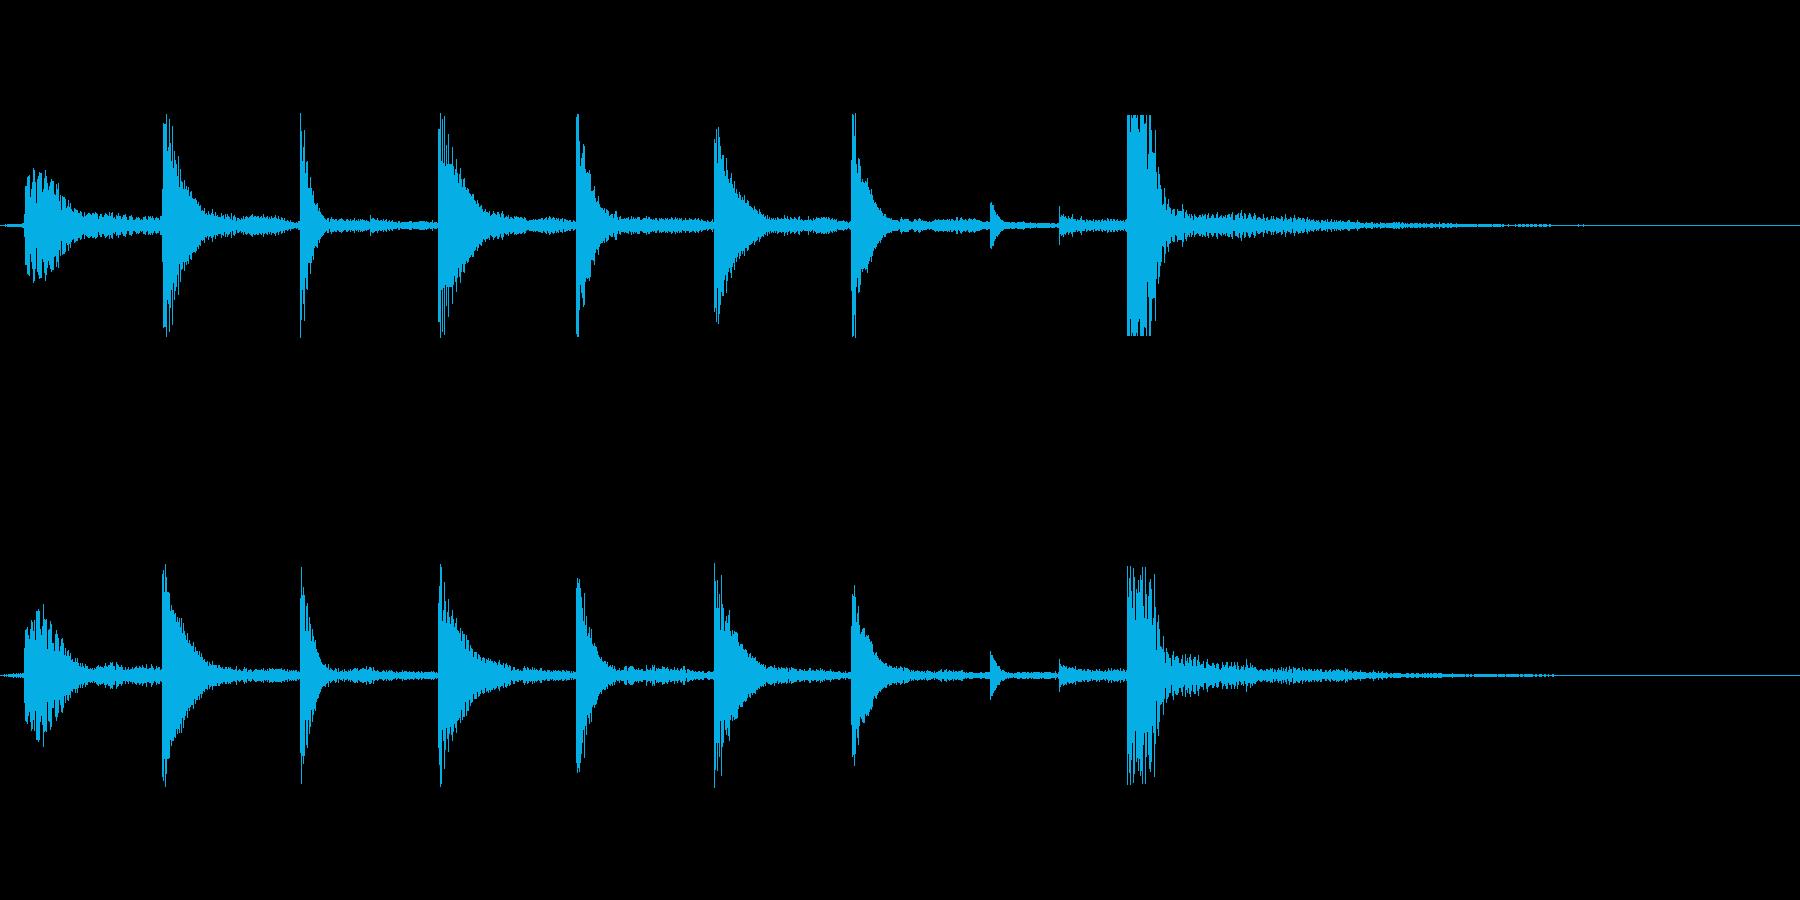 ゲームオーバー(少しのメロディーの音)の再生済みの波形